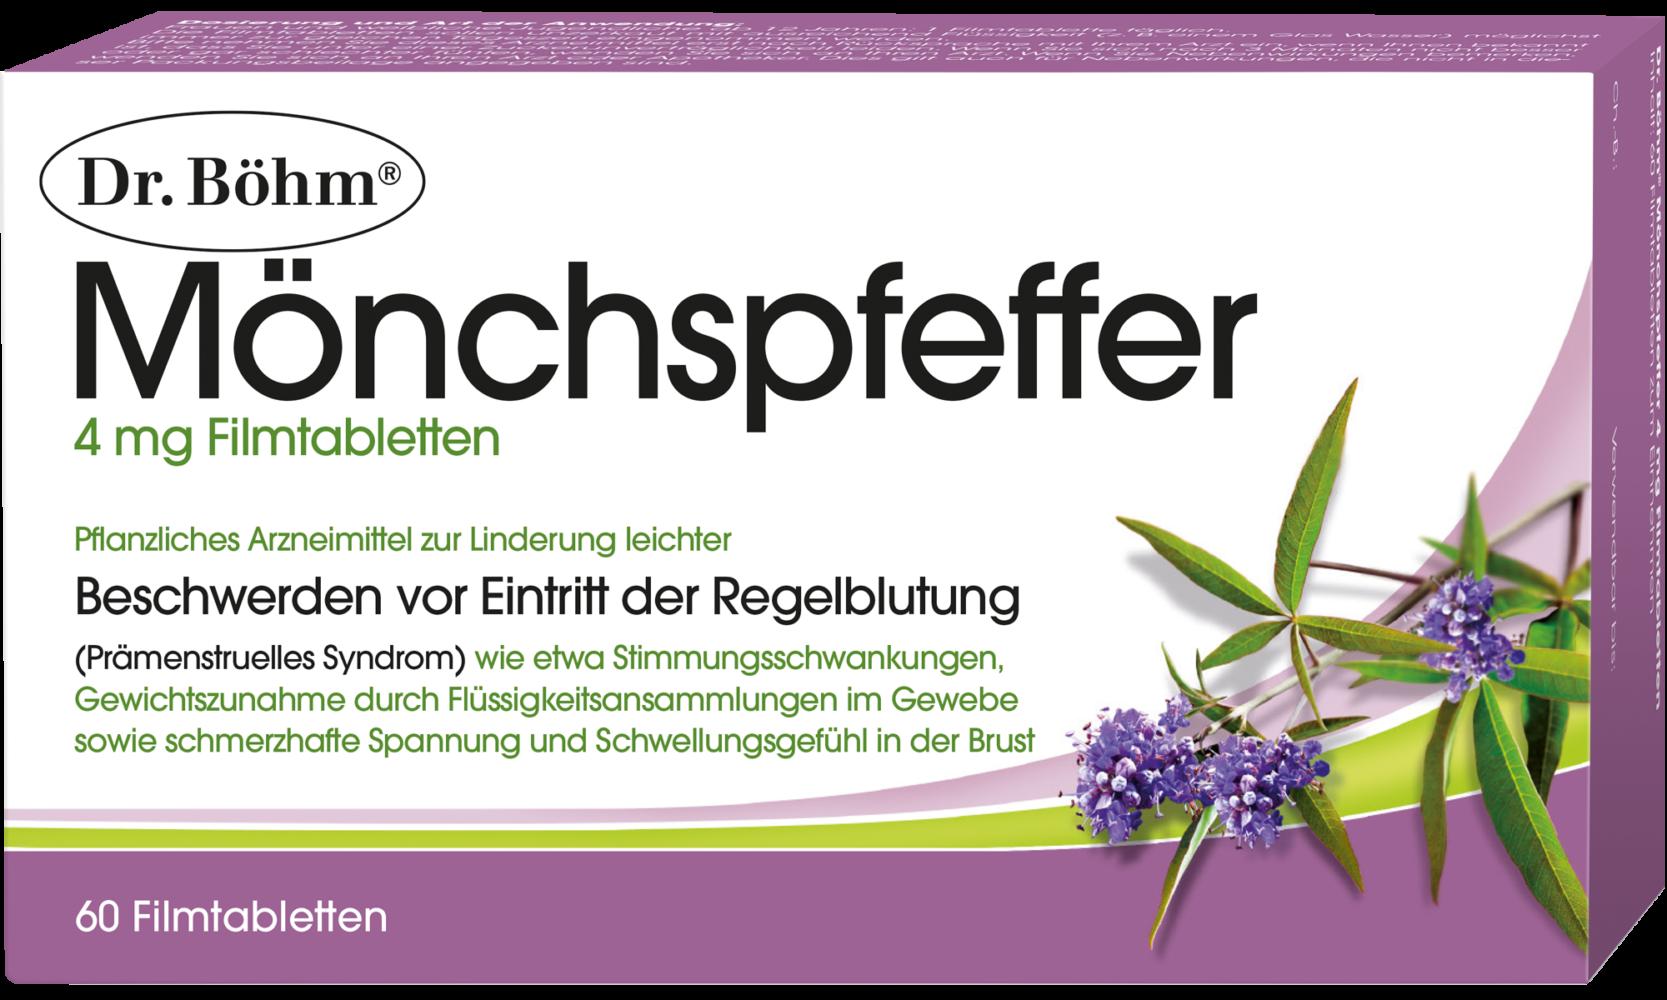 Dr. Böhm® Mönchspfeffer, pflanzliches Arzneimittel zur Linderung leichter Beschwerden vor Eintritt der Regelblutung